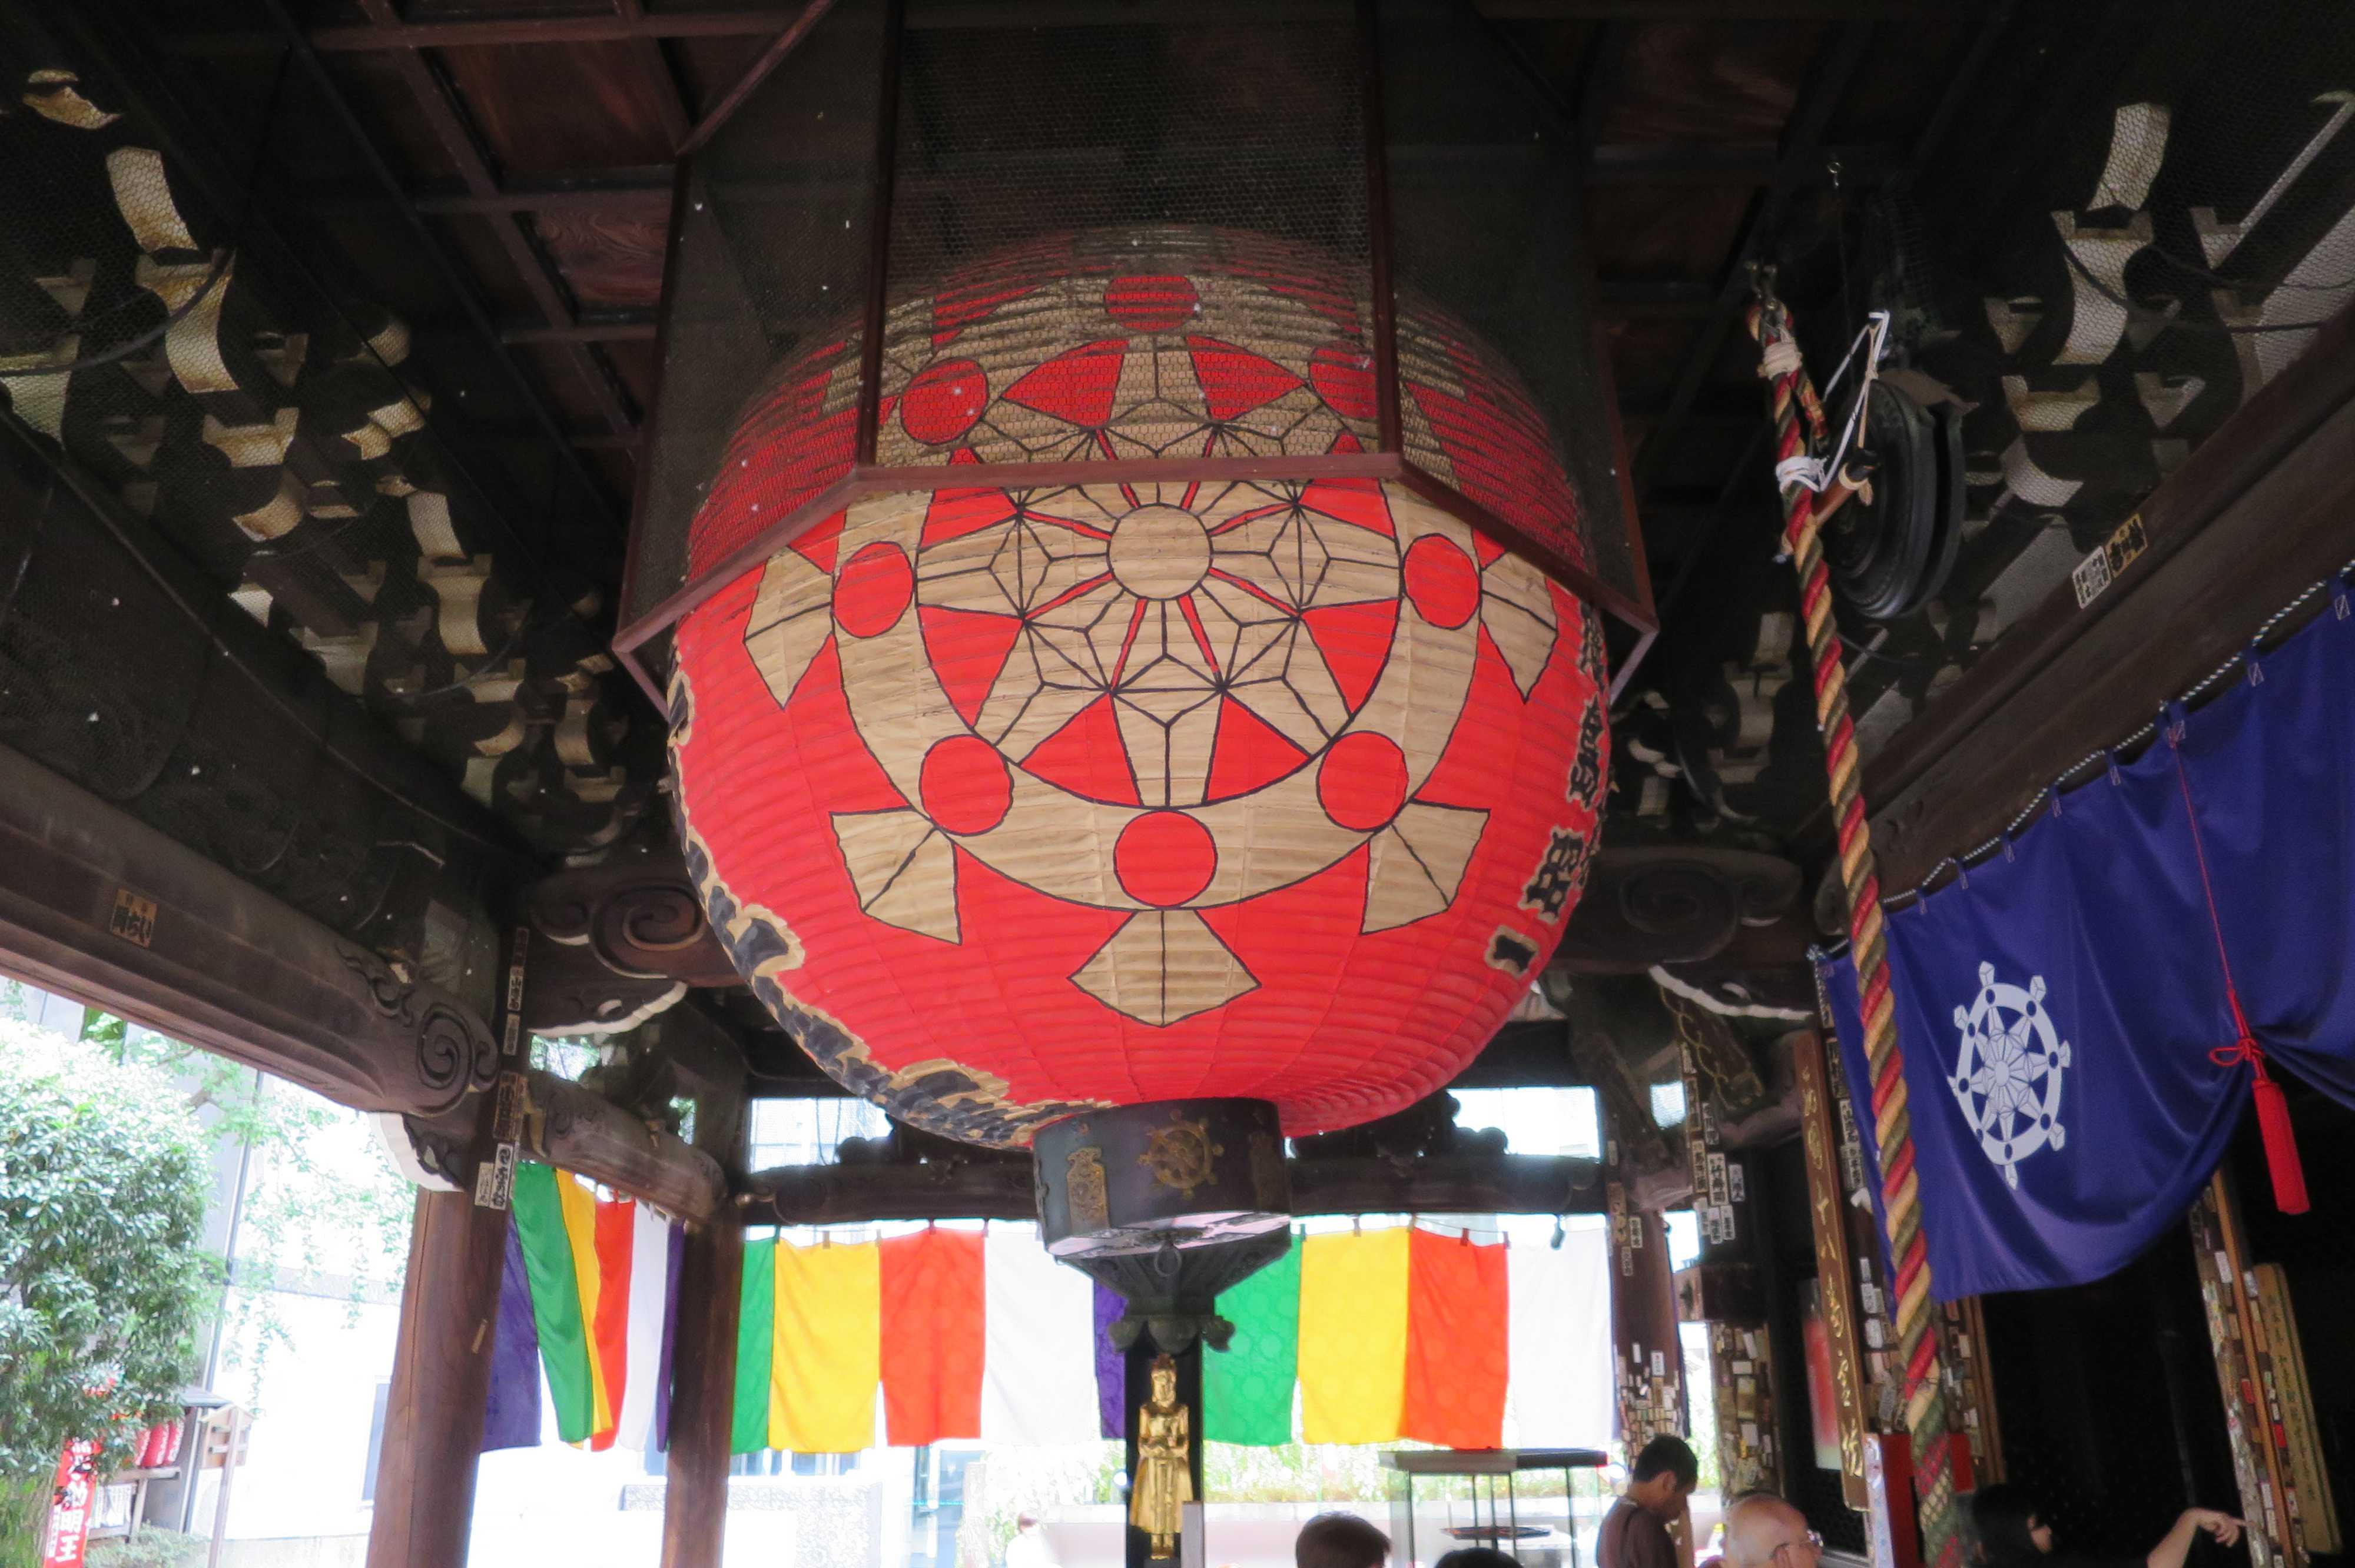 京都・六角堂の大きな赤い提灯